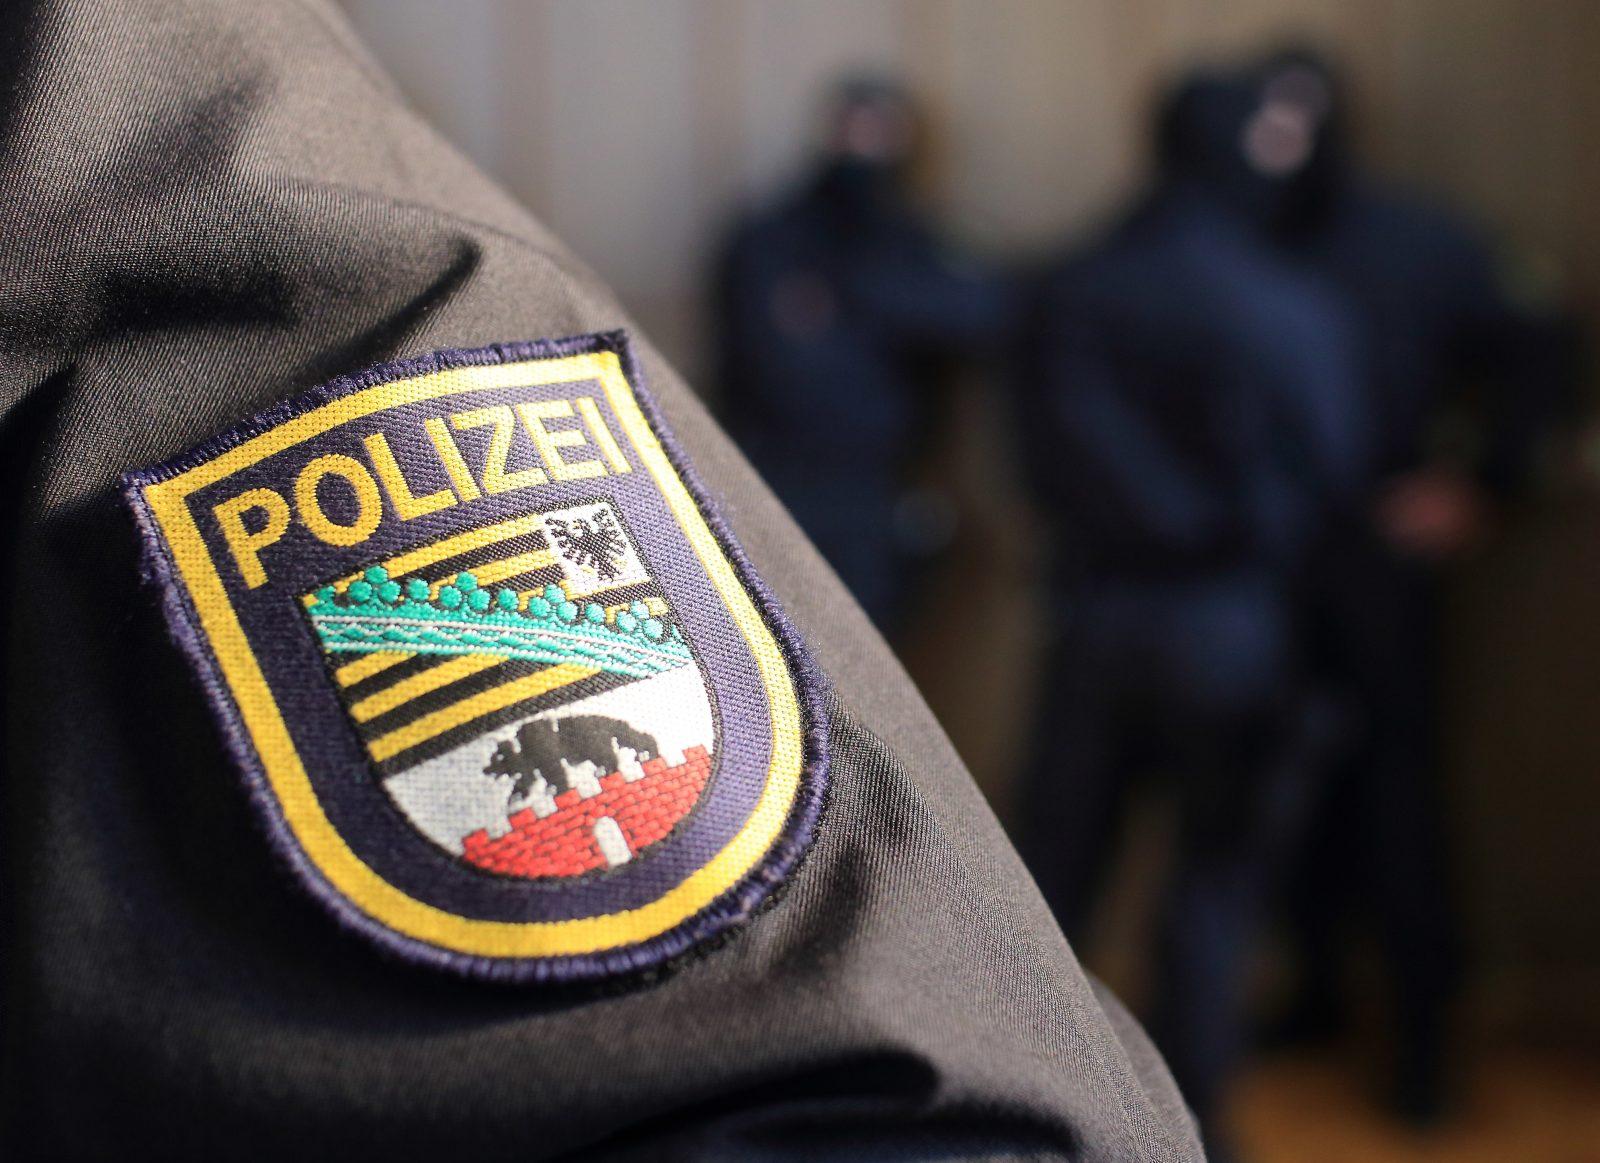 Das Landeswappen von Sachsen-Anhalt auf einer Polizeiuniform Foto: (c) dpa